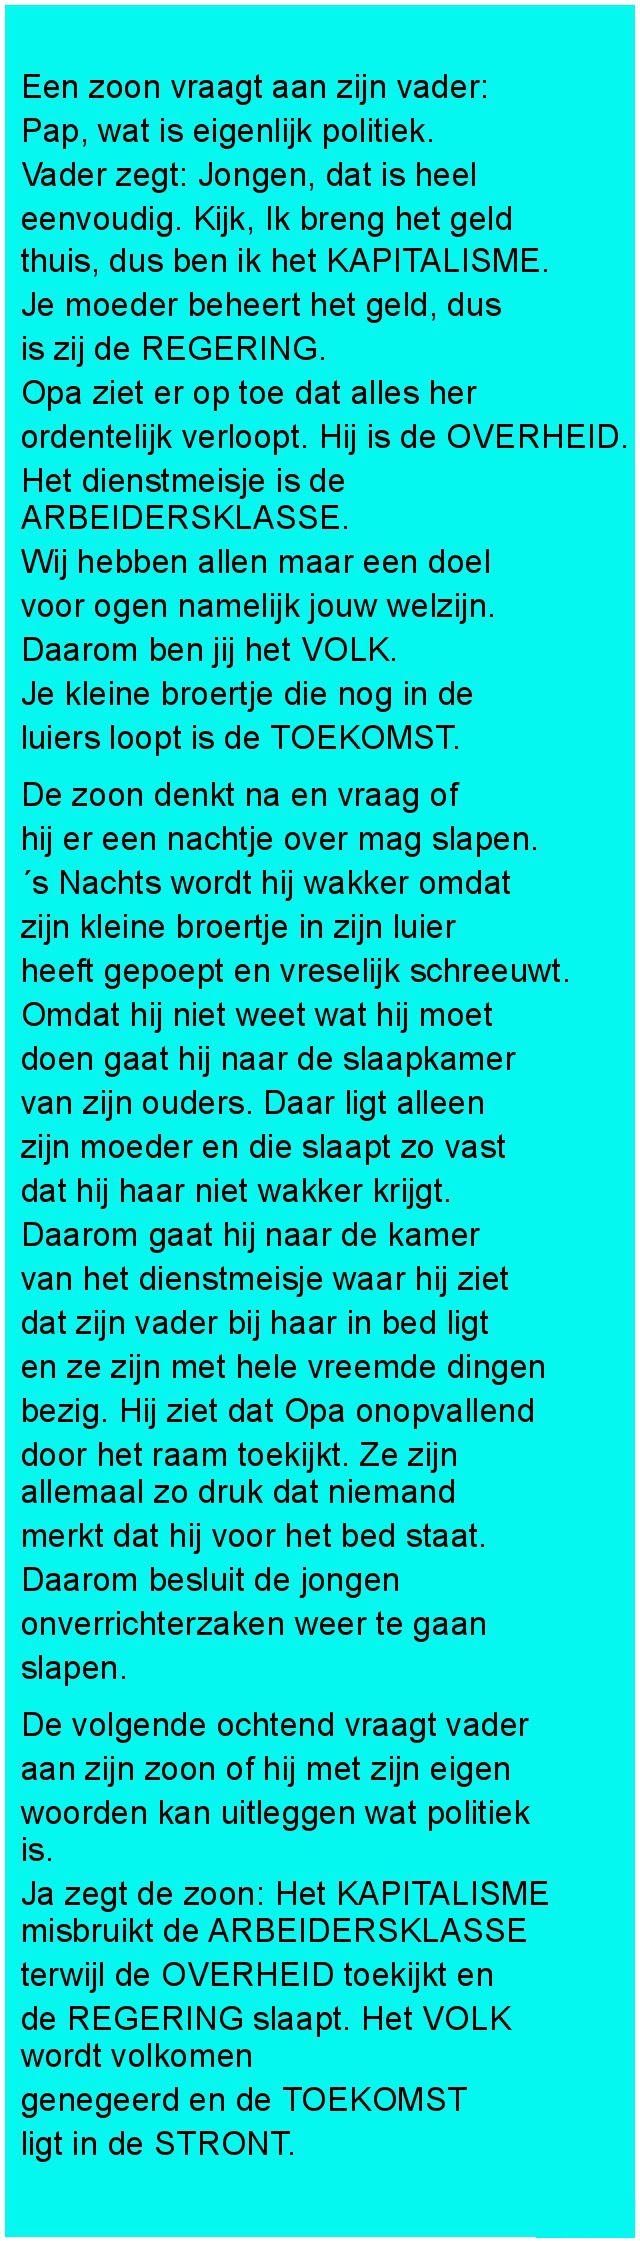 Een zoon vraagt - Zieer.nl